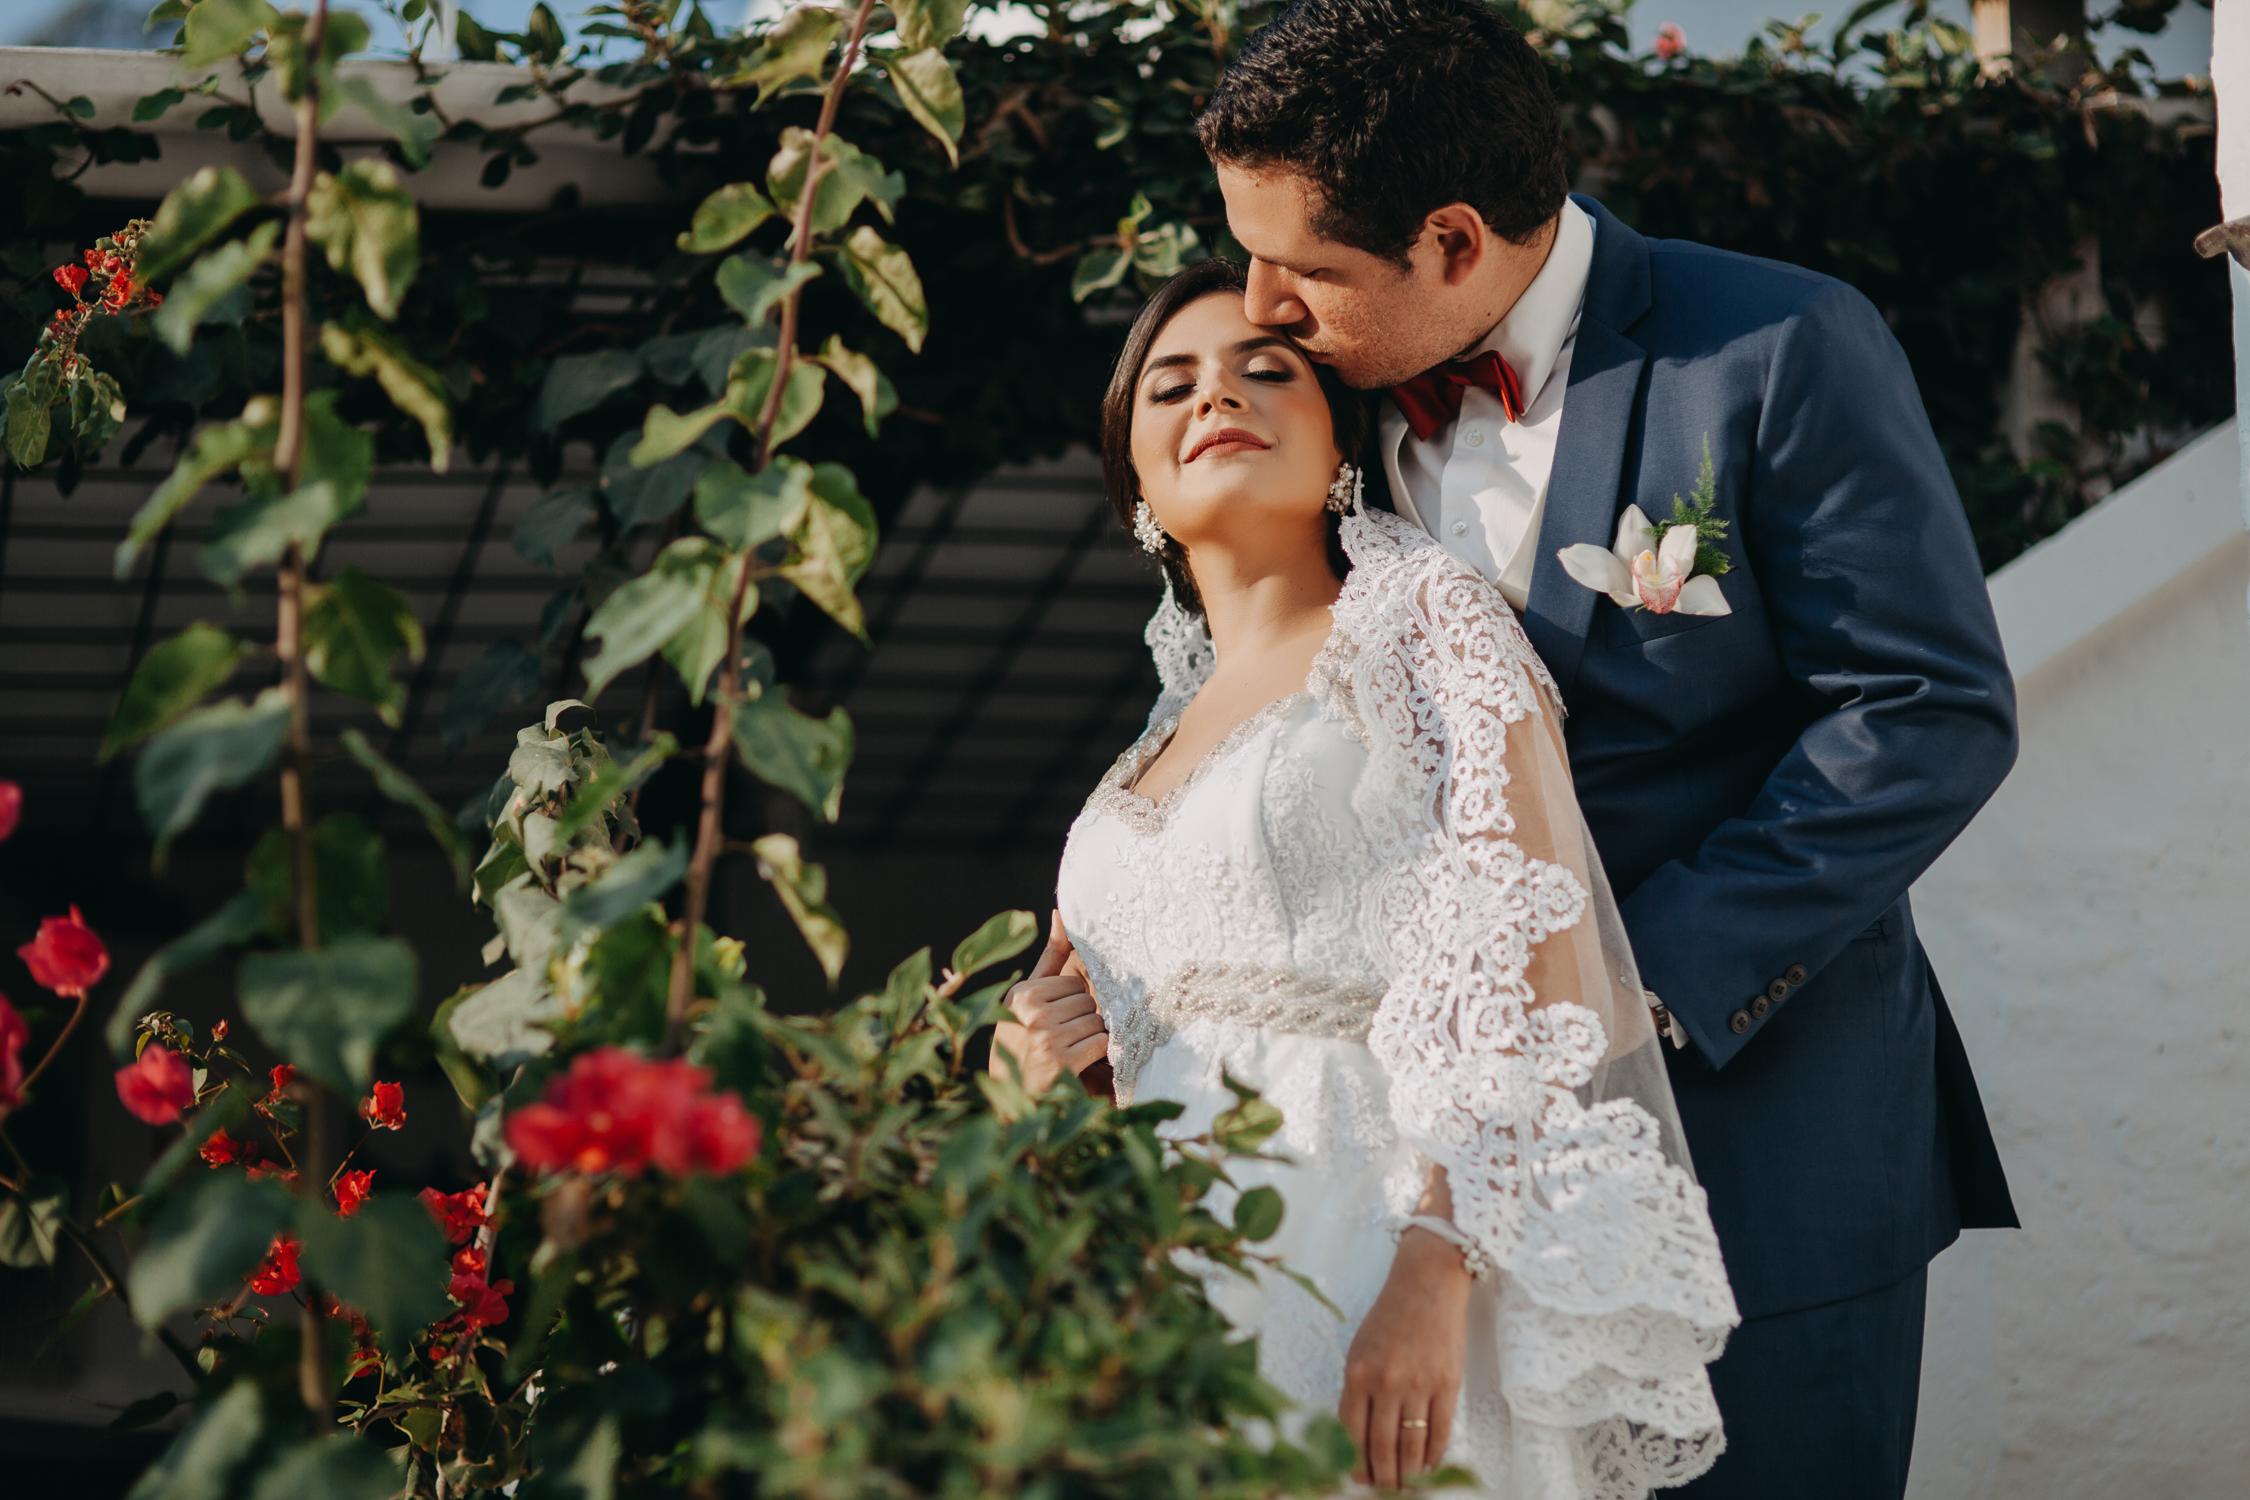 Michelle-Agurto-Fotografia-Bodas-Ecuador-Destination-Wedding-Photographer-Cristi-Luis-71.JPG